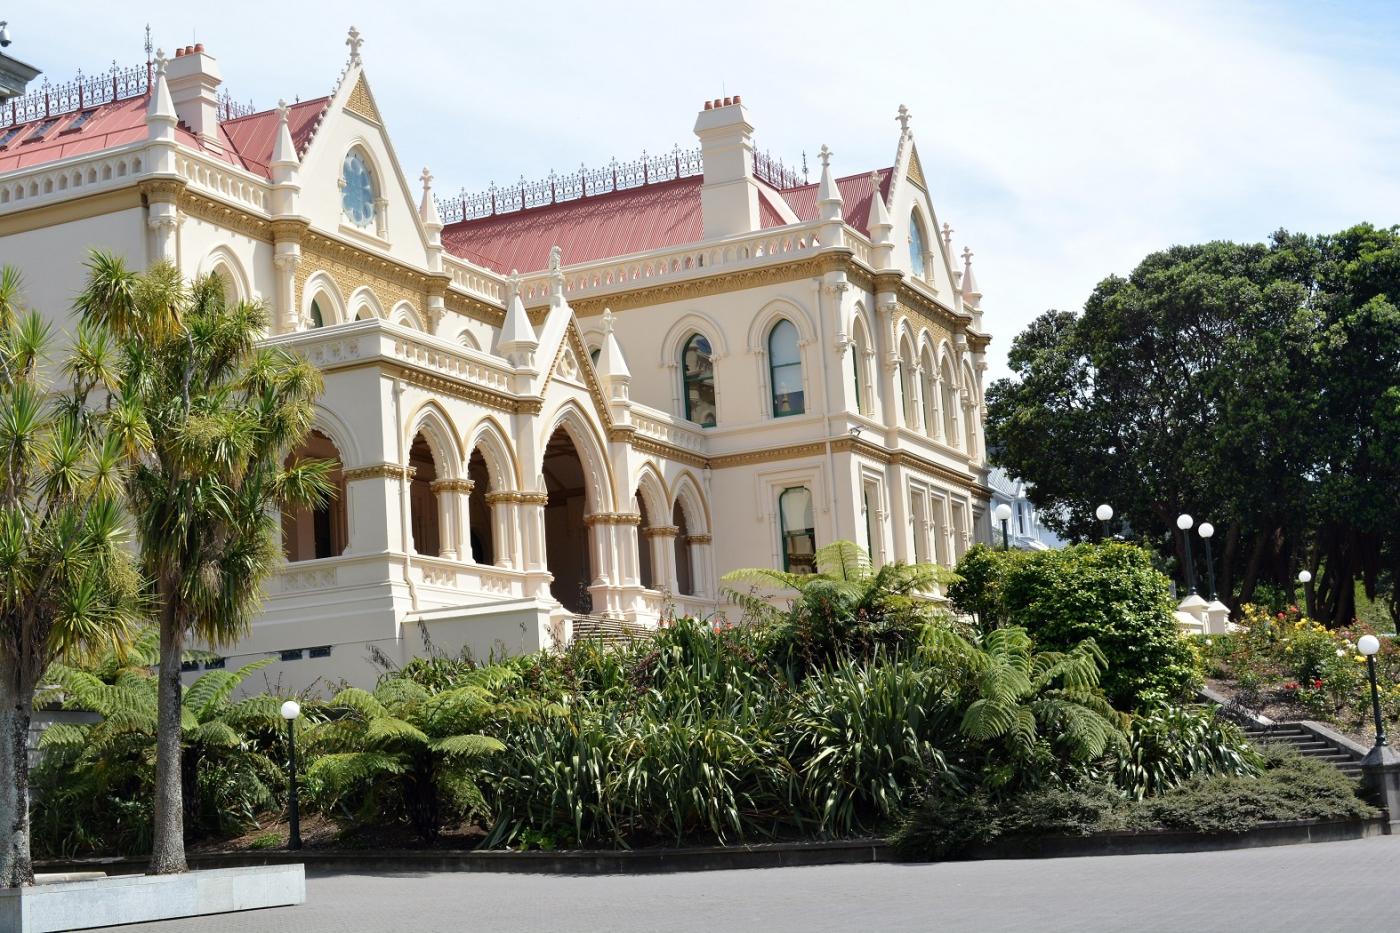 新西兰首都惠灵顿街景_图1-8